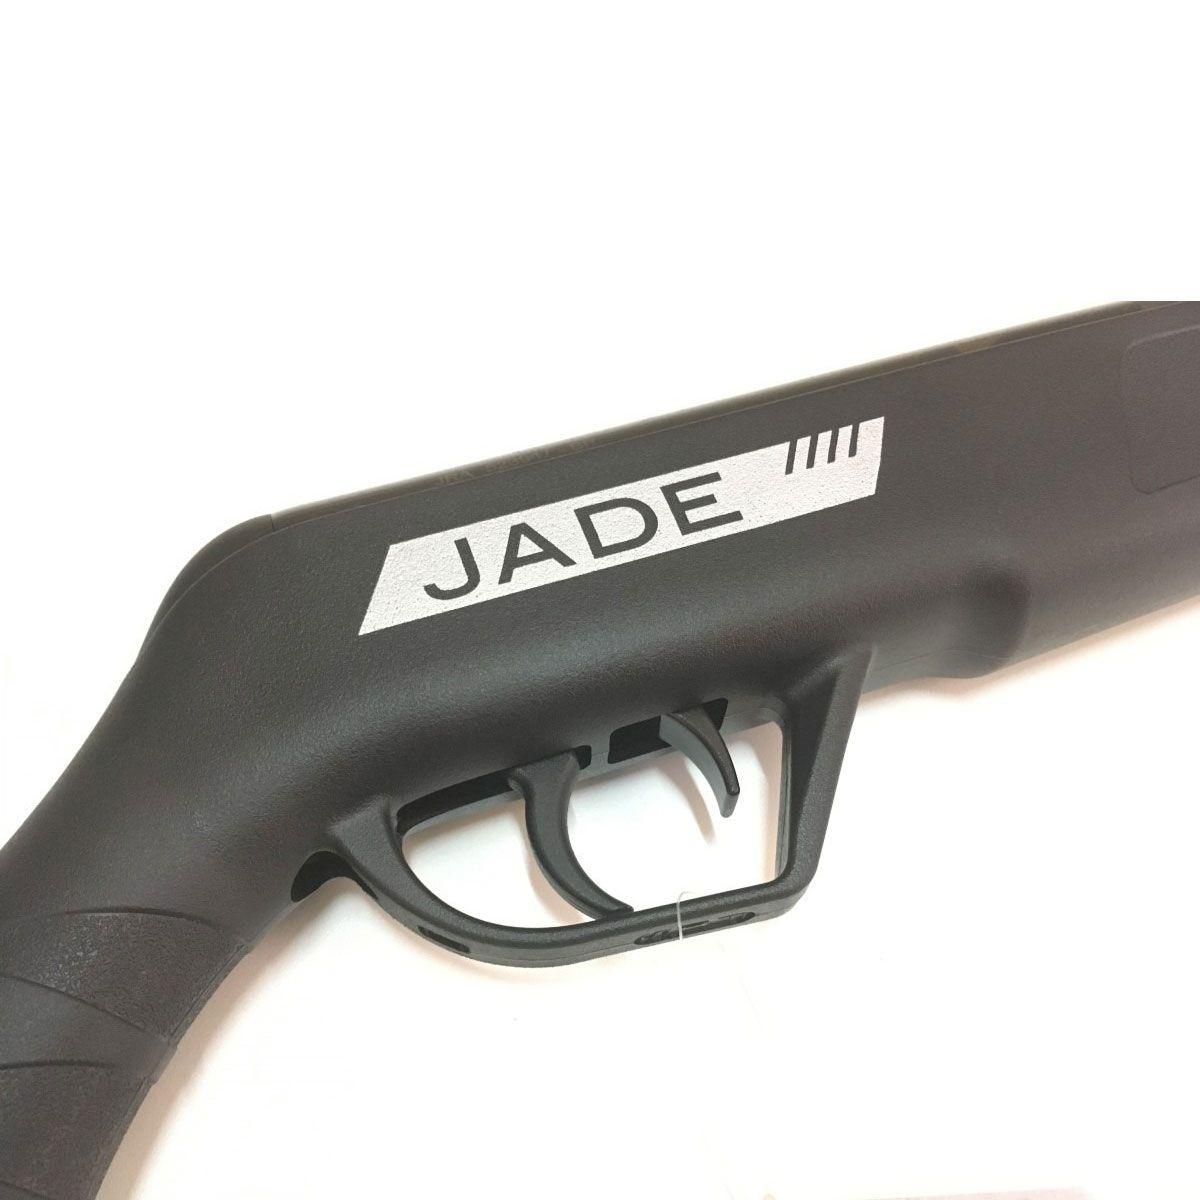 Carabina de Pressão CBC Jade Oxidada PP 5,5mm